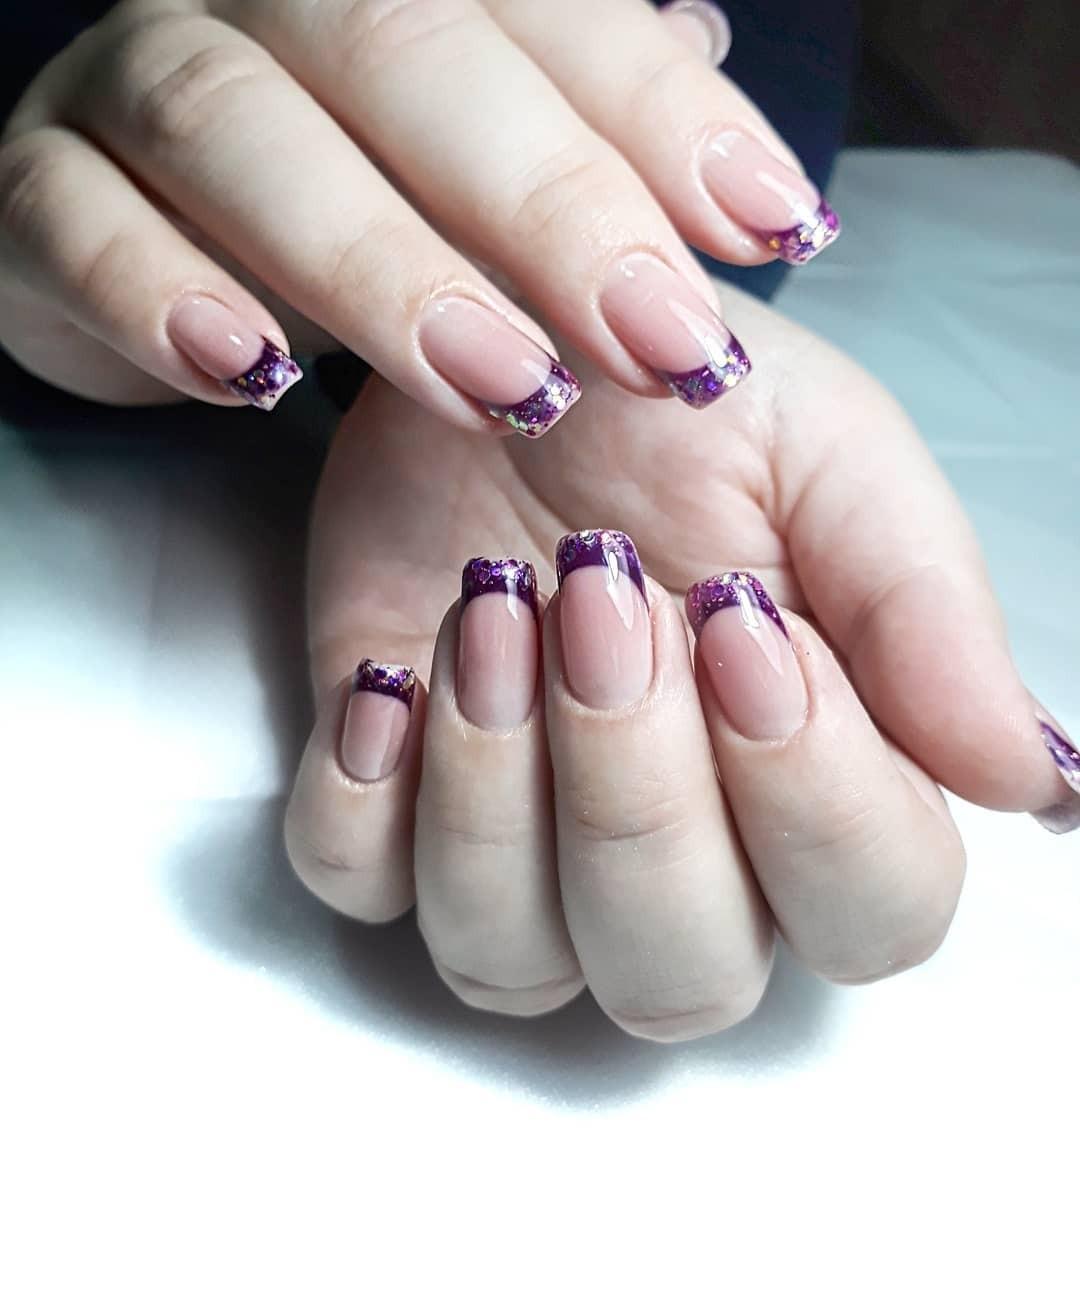 @darya.mironova_nails